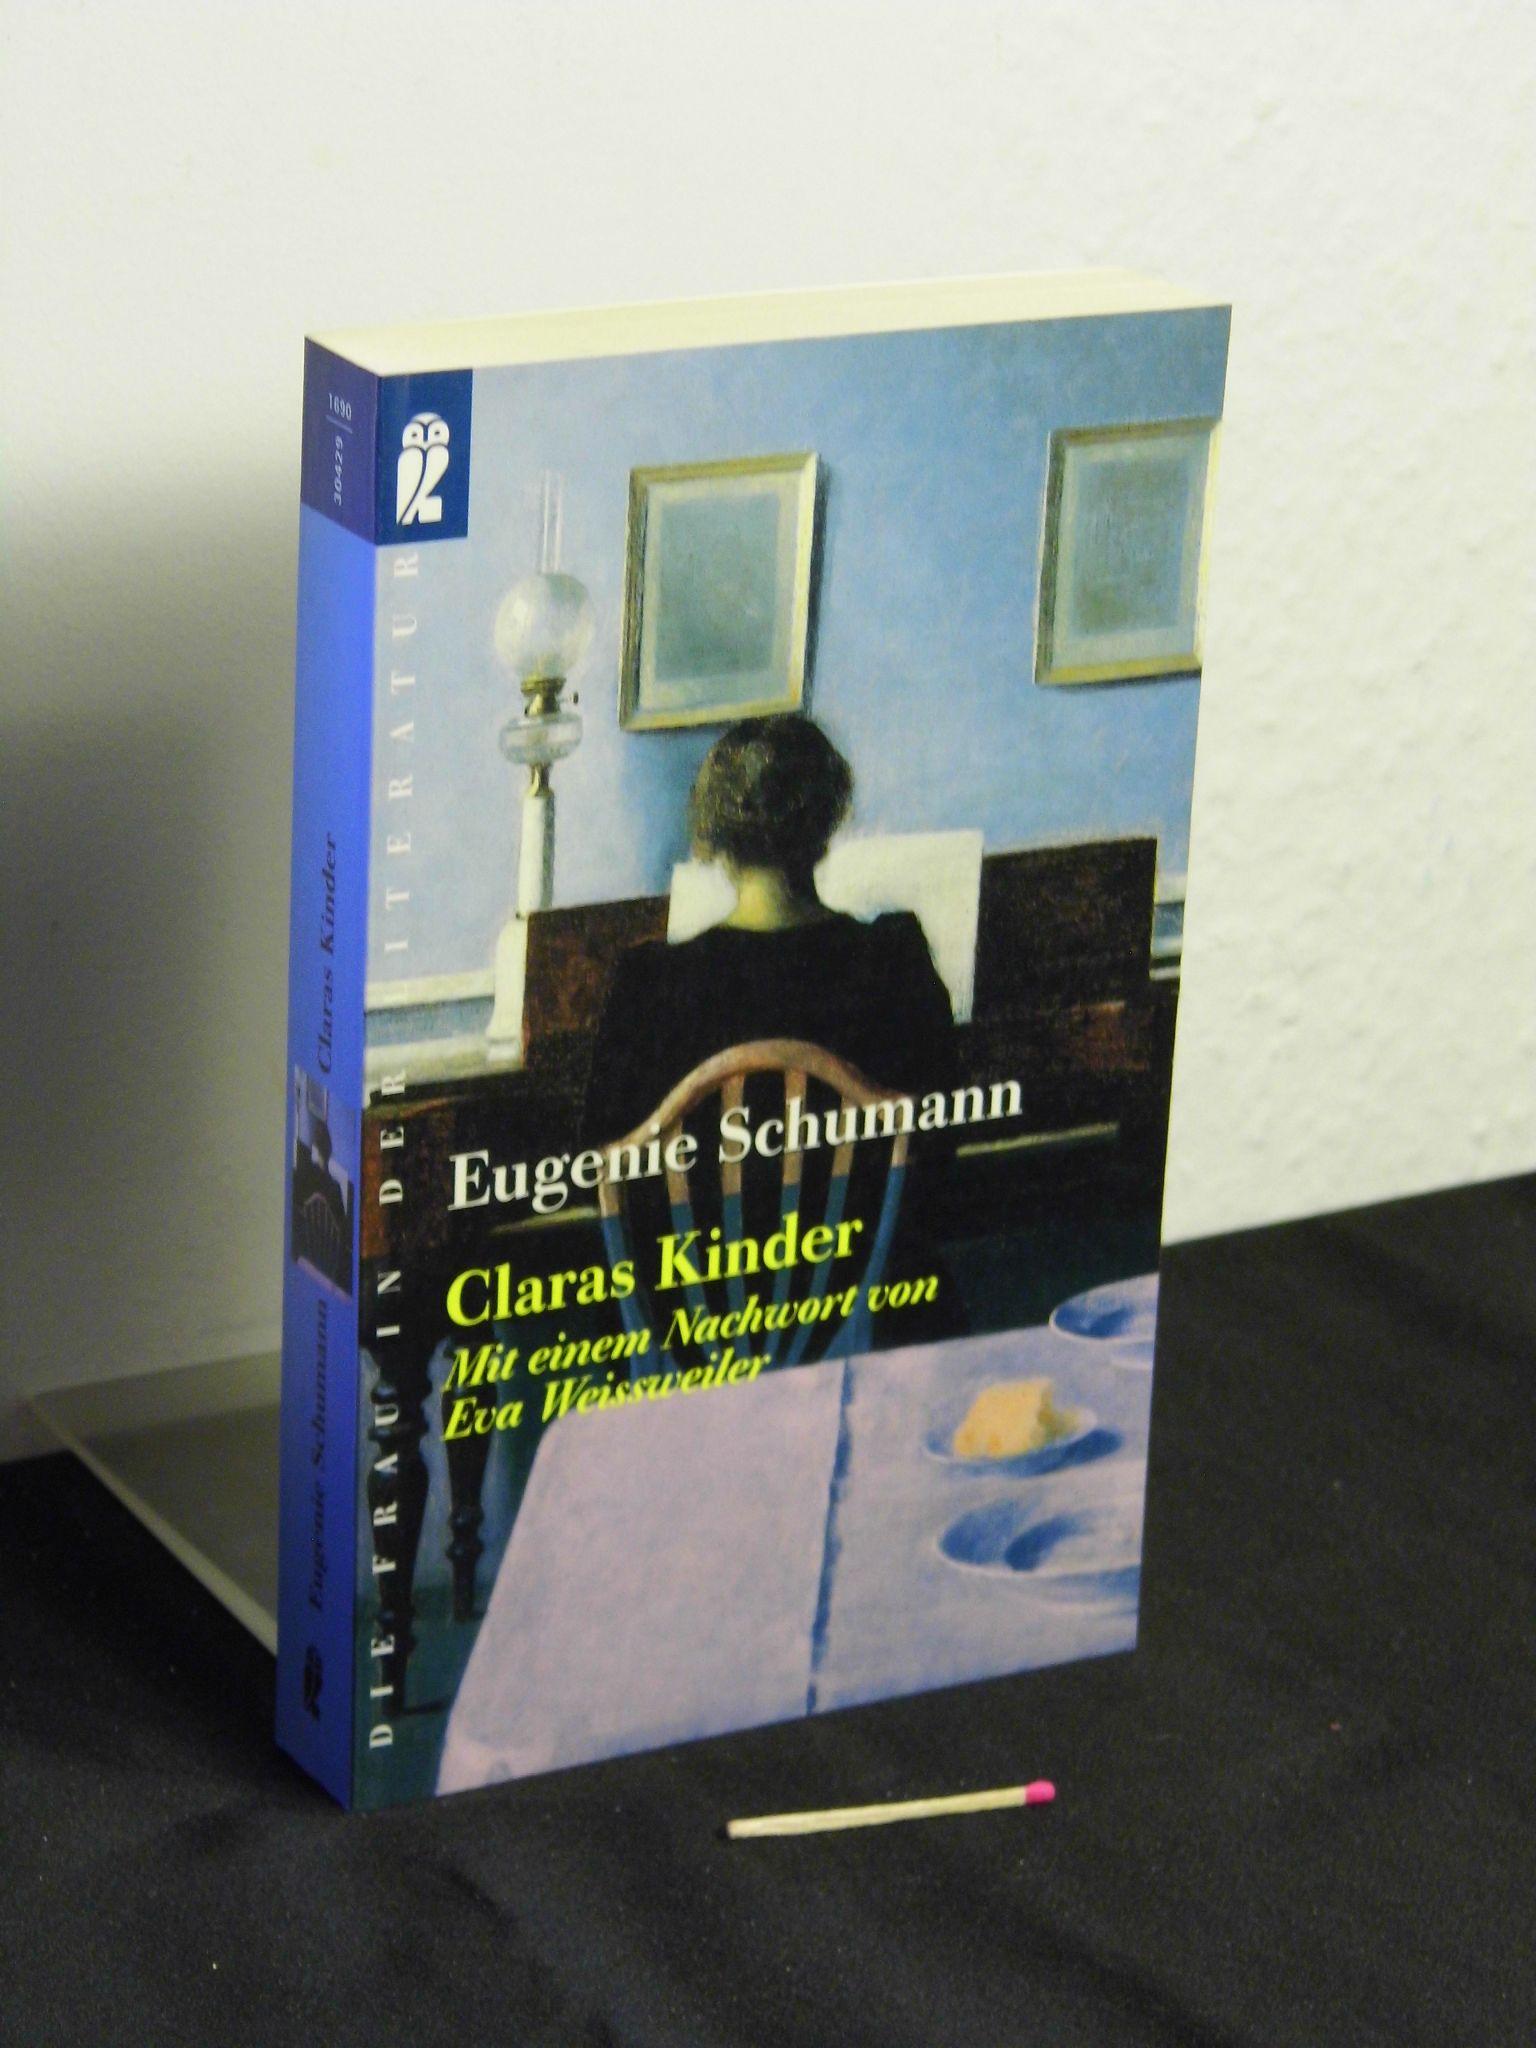 Claras Kinder - Erinnerungen - aus der Reihe: Ullstein Taschenbuch, Die Frau in der Literatur - Band: 30429 - Schumann, Eugenie -